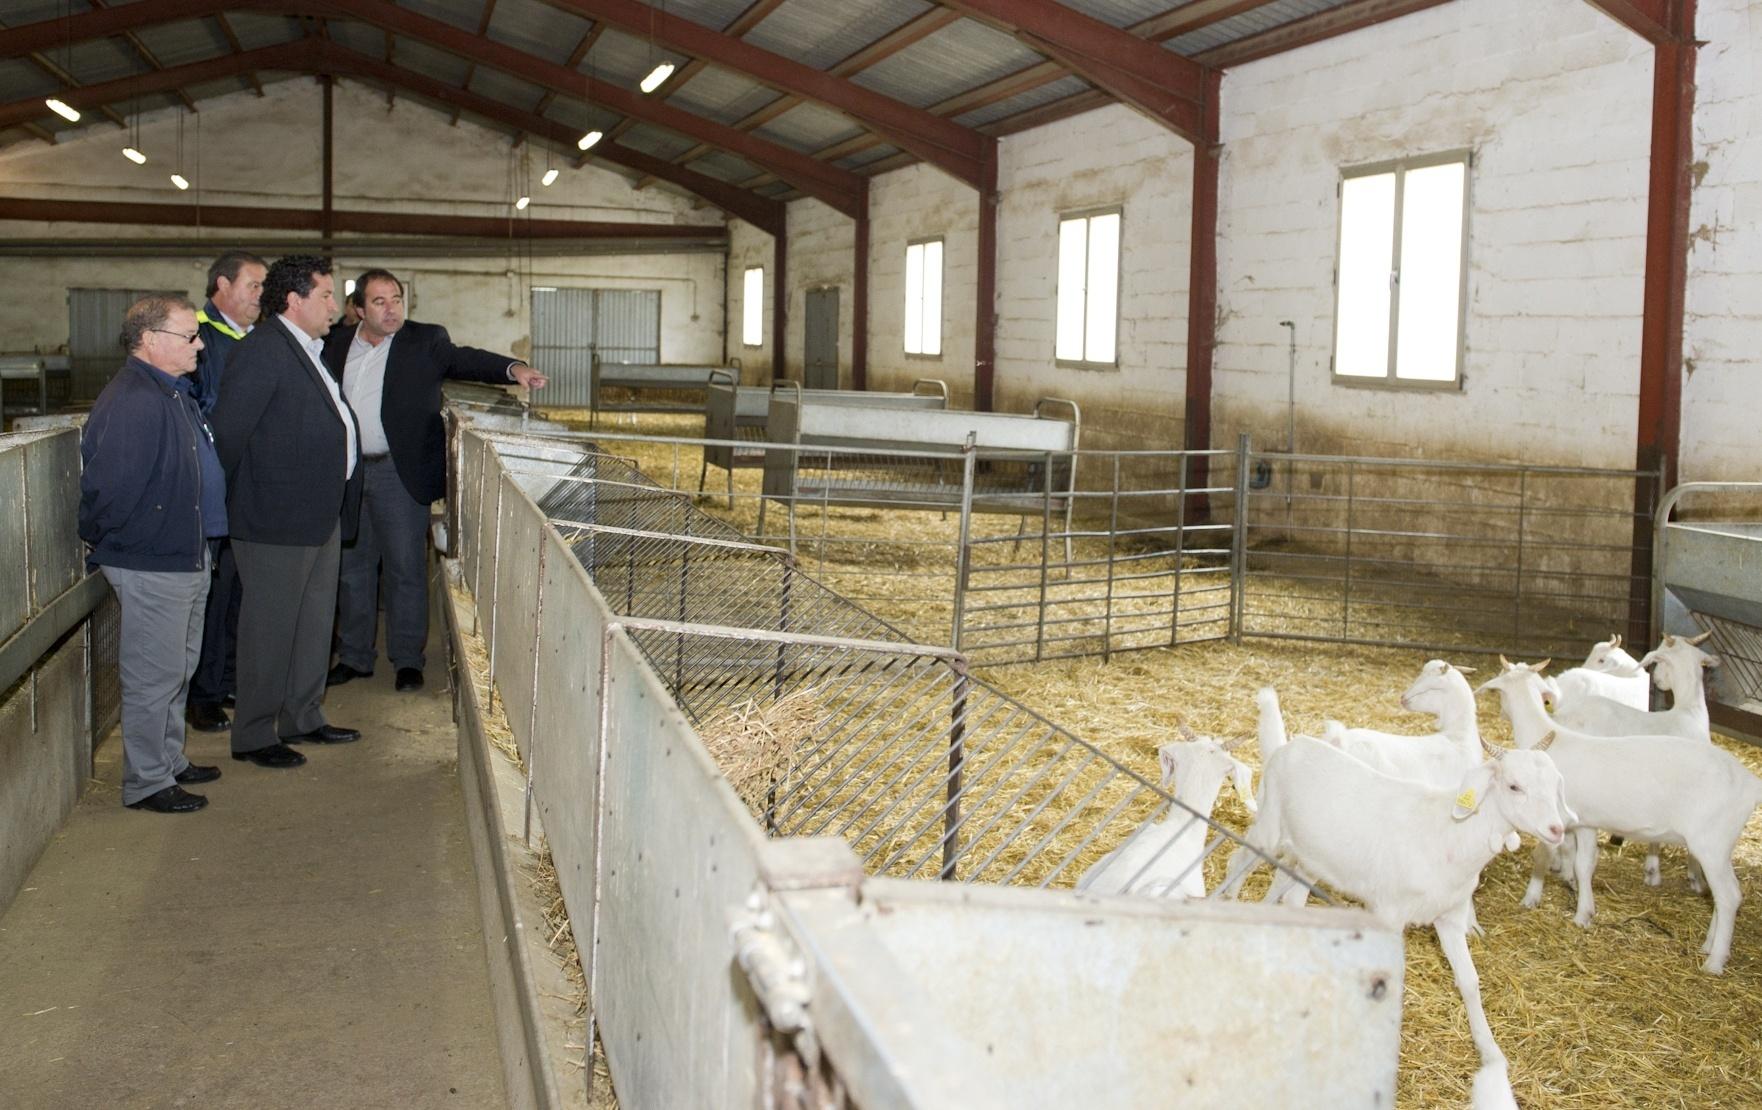 La Diputación impulsa la Feria Ganadera de Morella con 6.000 euros y la cesión de 22 animales